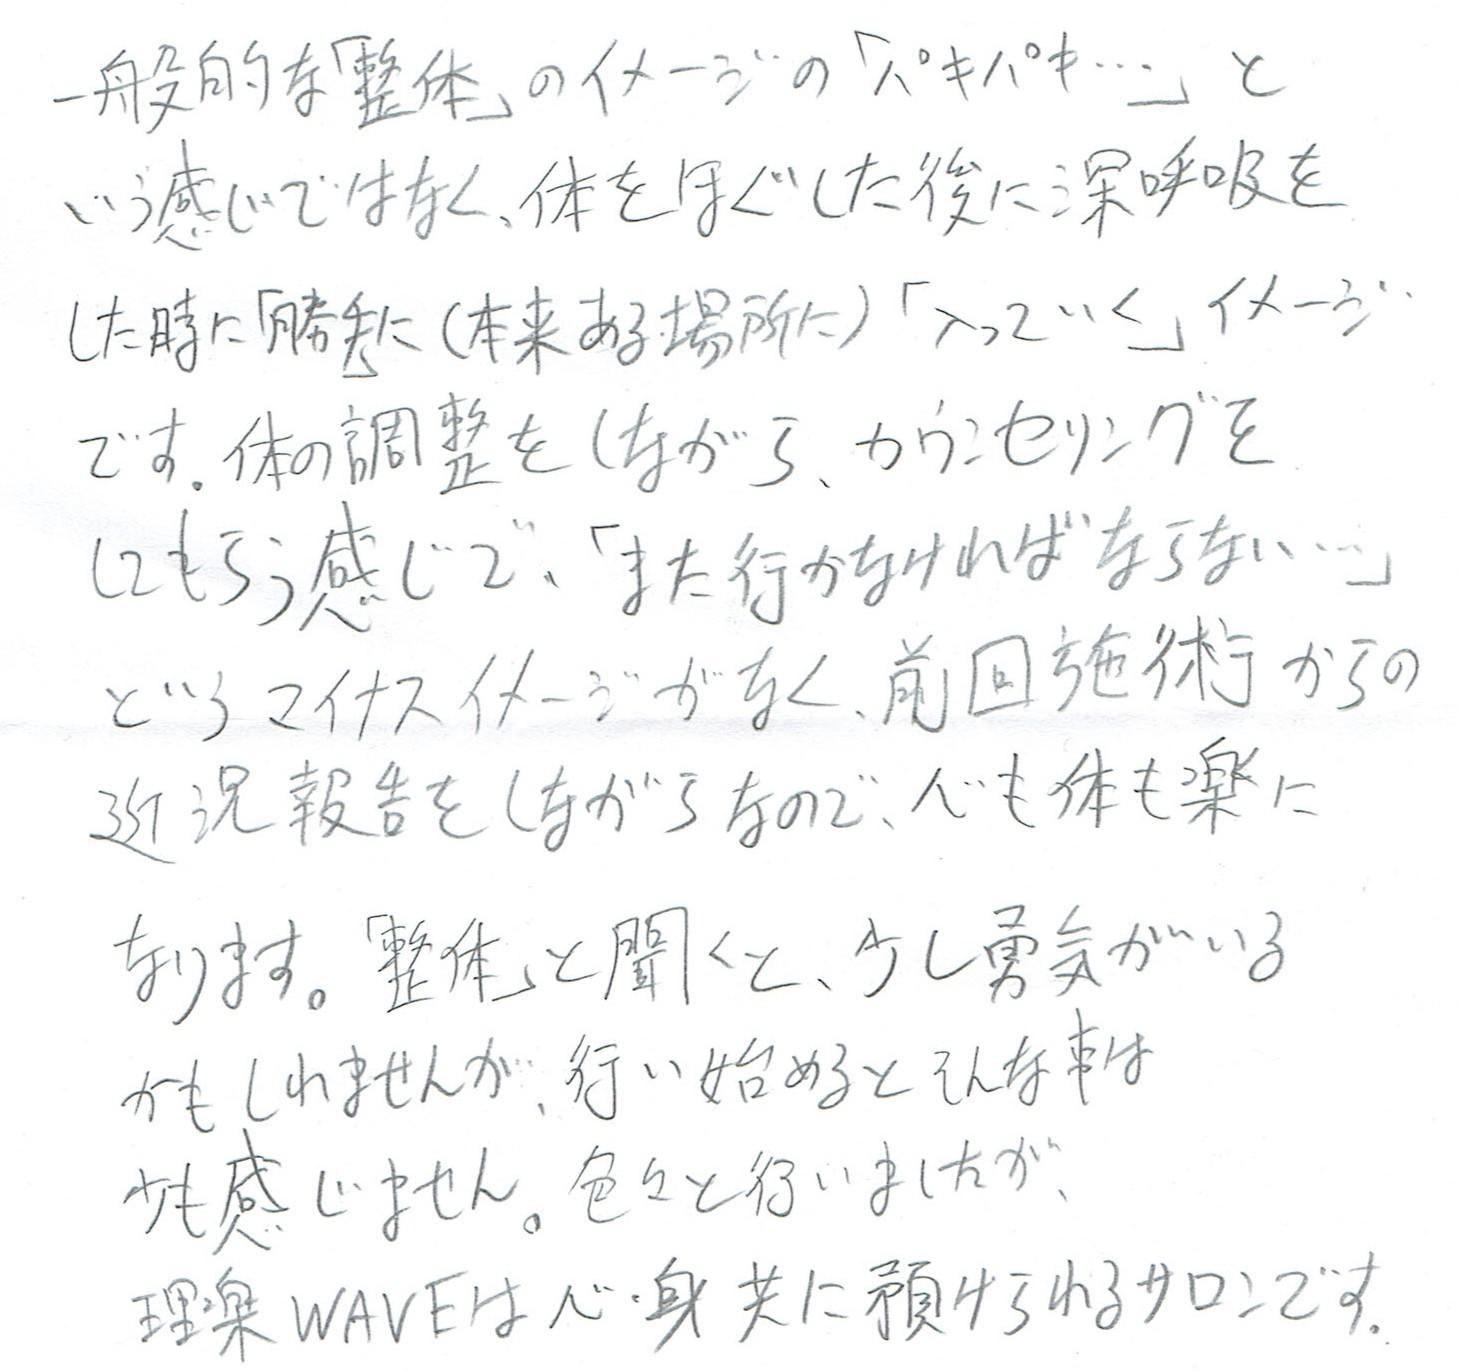 生駒市東生駒の整体サロン理楽ウェーブで堀江整体を受けた感想65